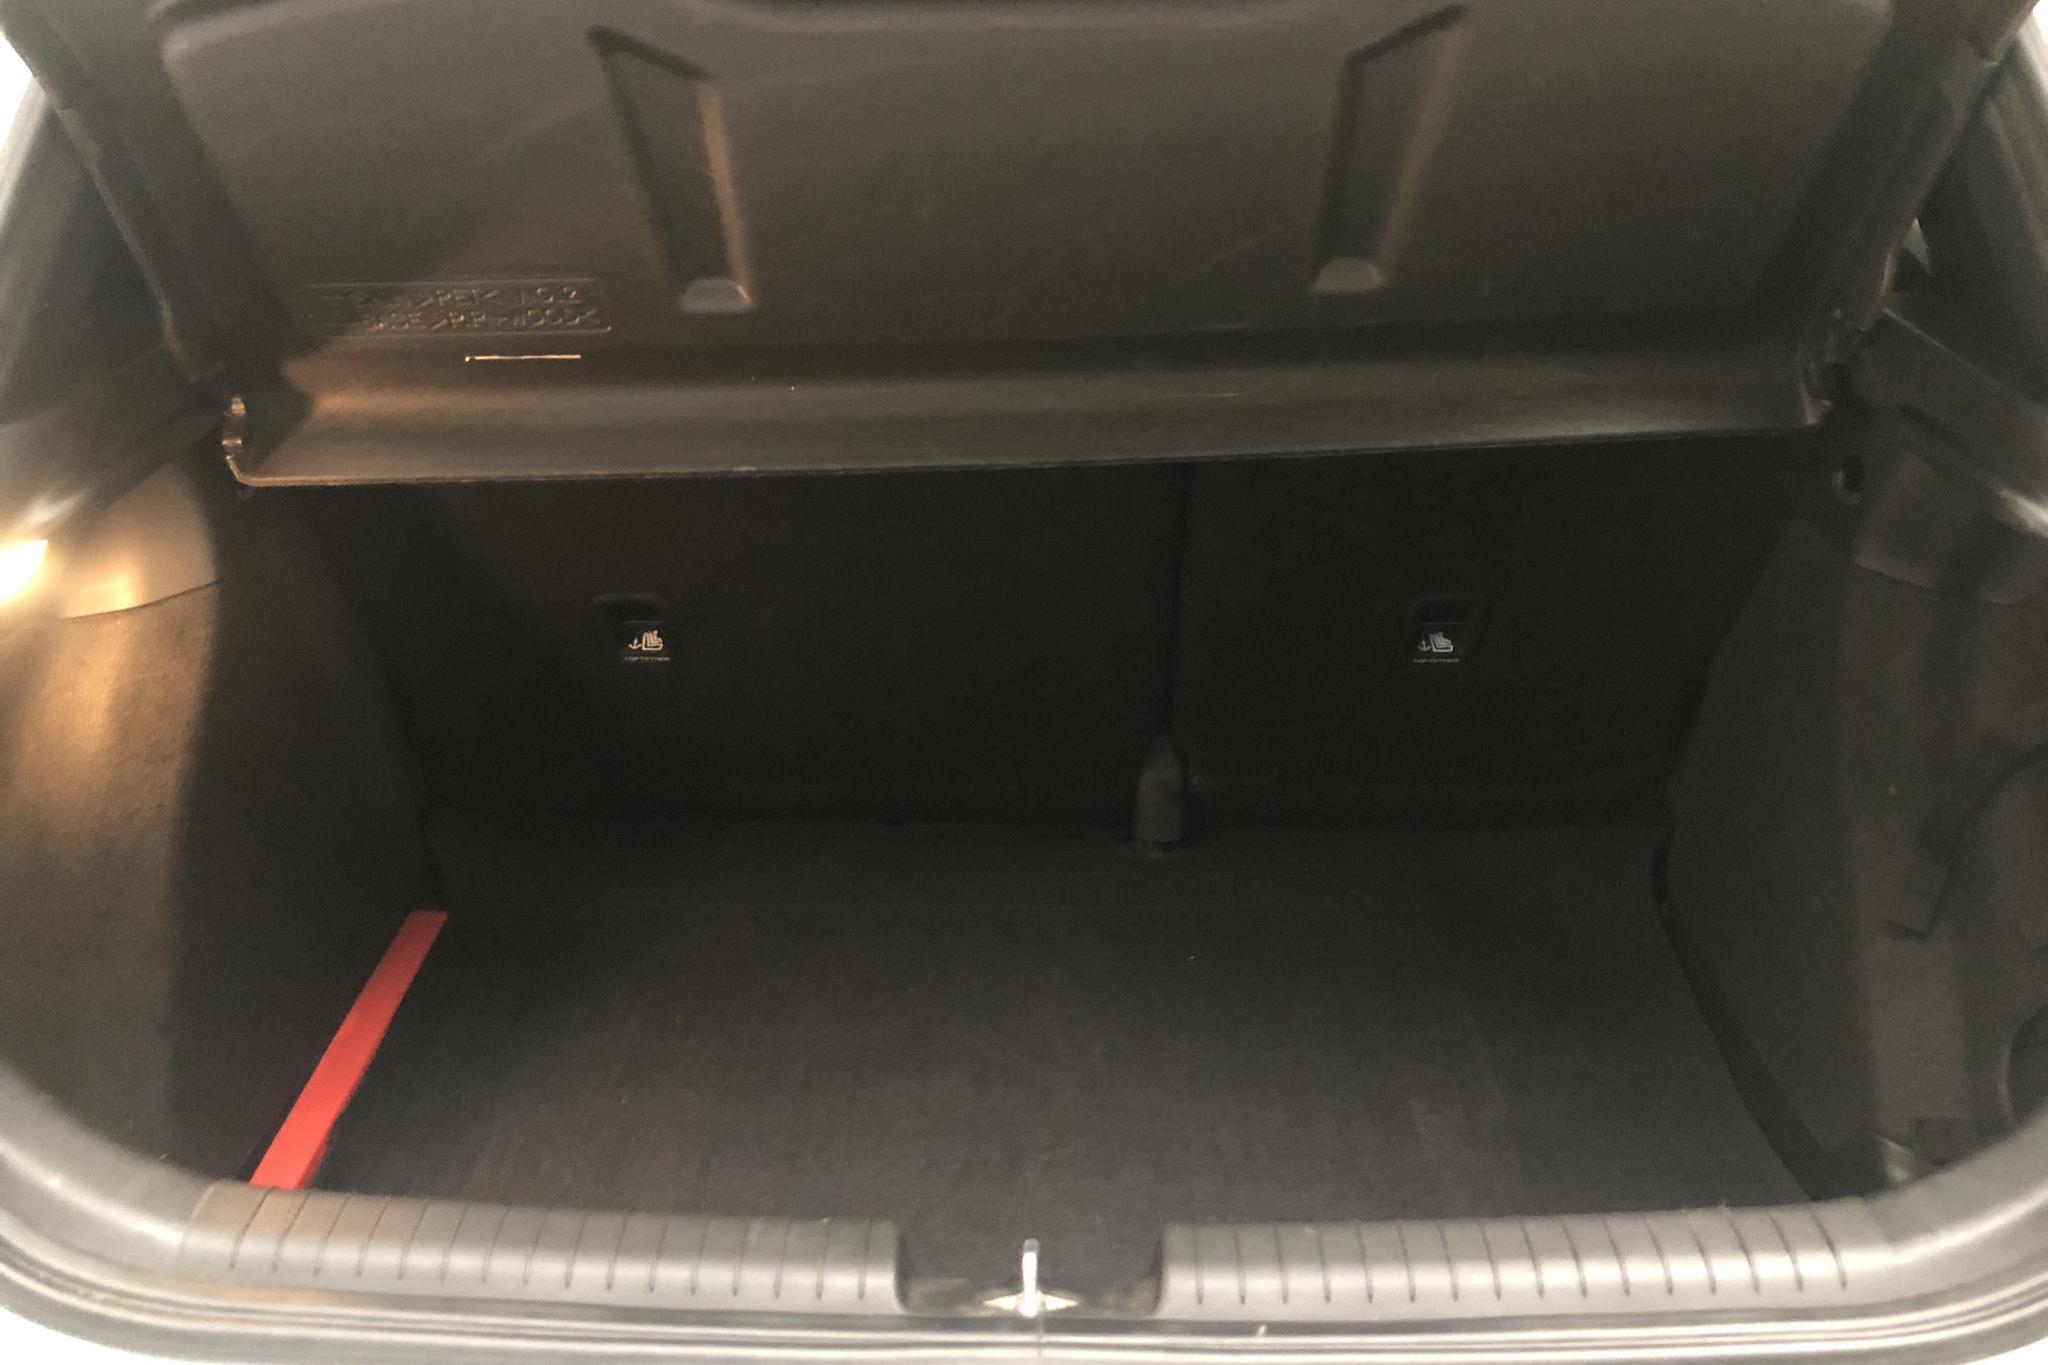 Hyundai i20 1.2 (84hk) - 82 920 km - Manual - white - 2016